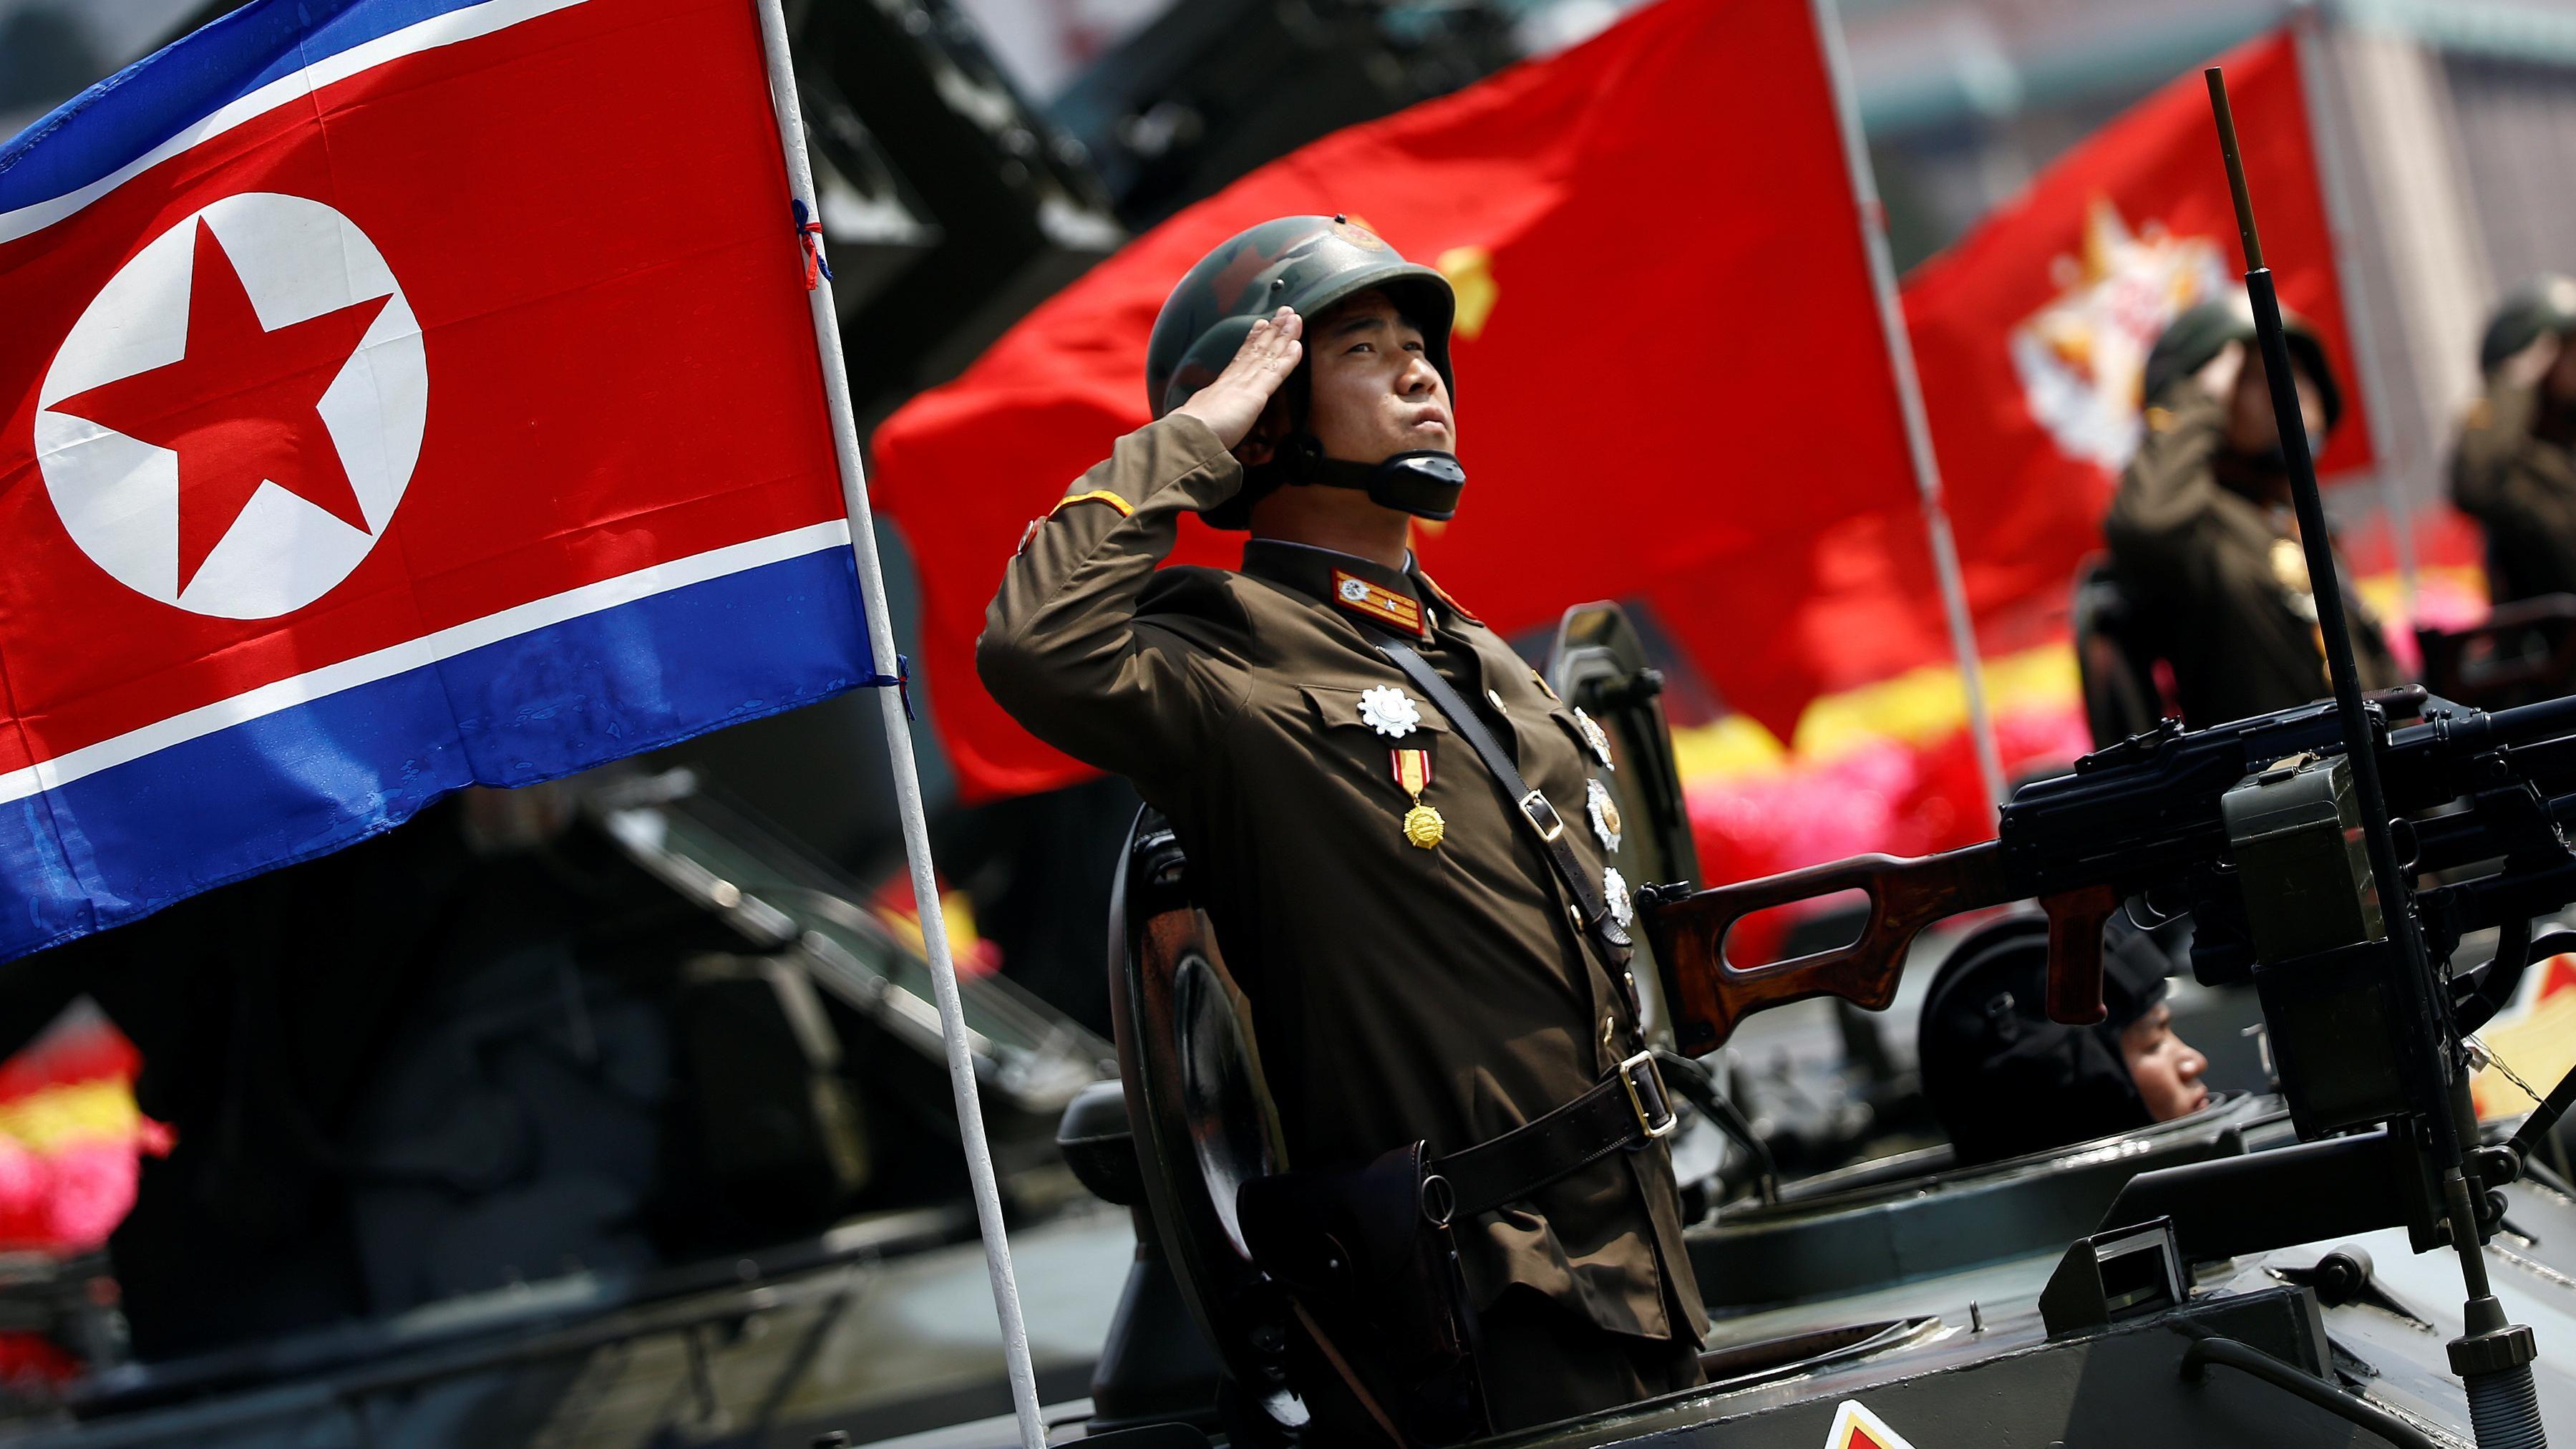 北韓太陽節大閱兵16:9。(圖/路透社/達志影像)